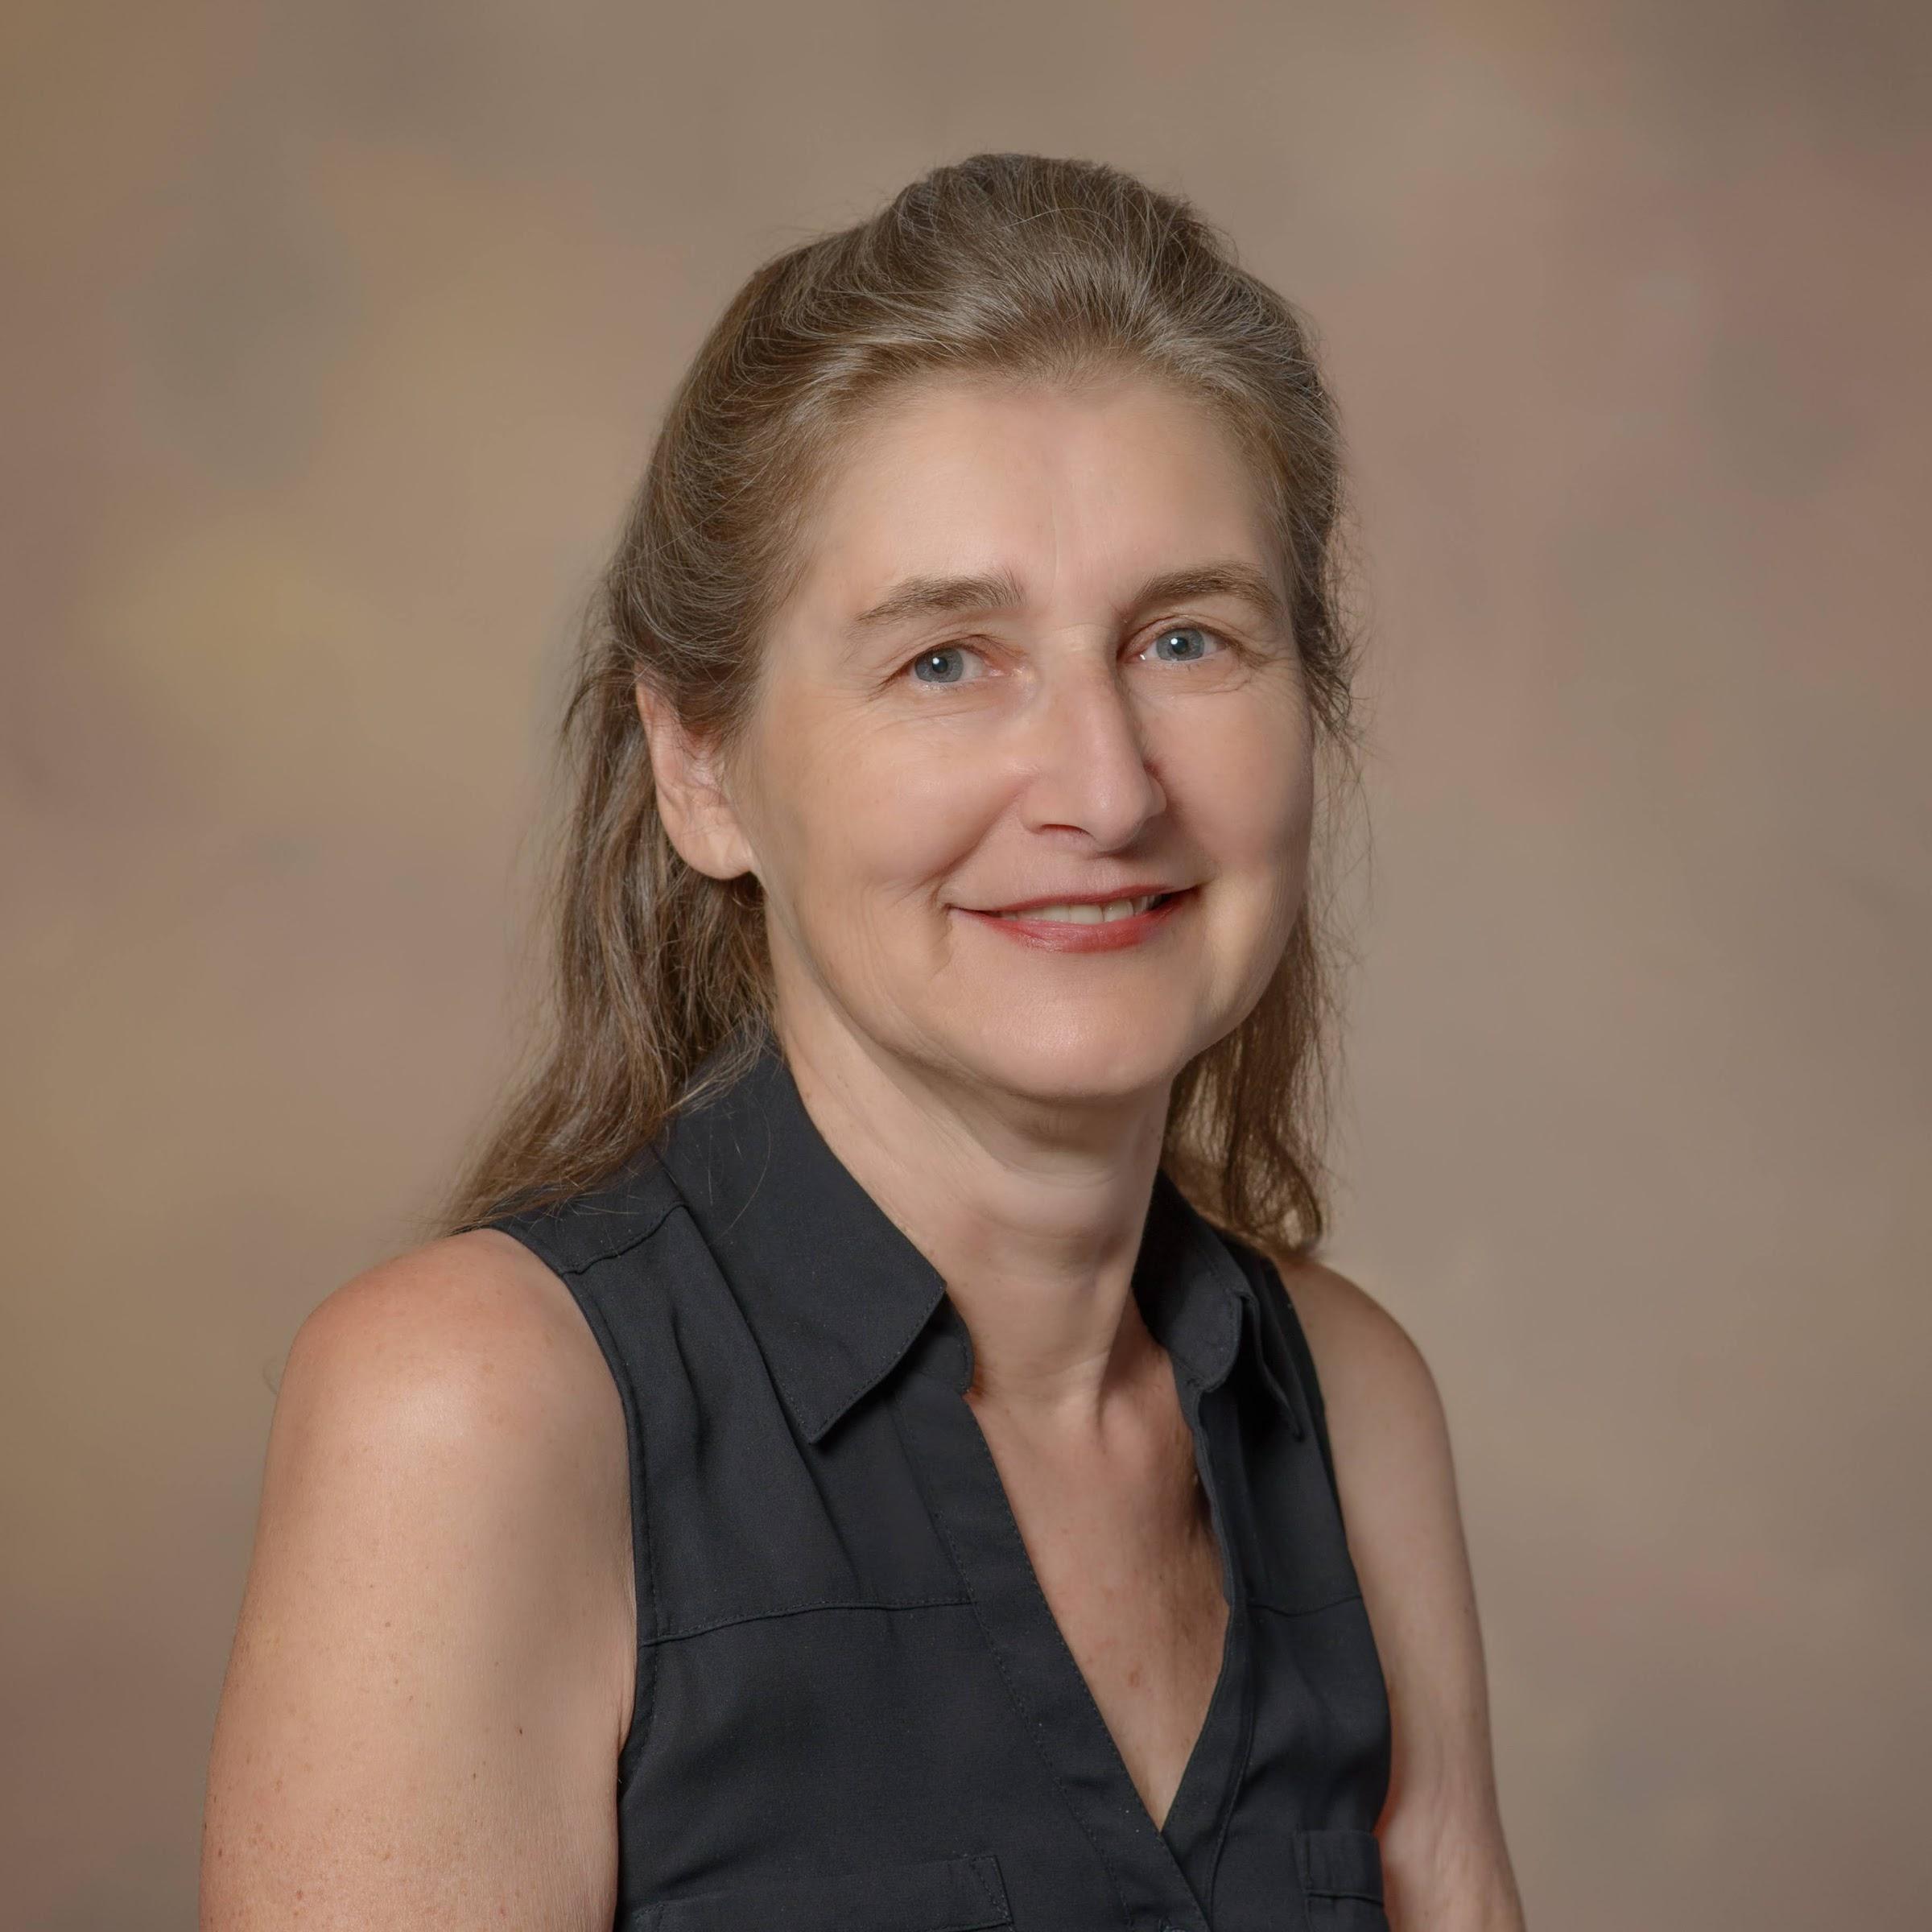 Yelena Feinstein, PhD